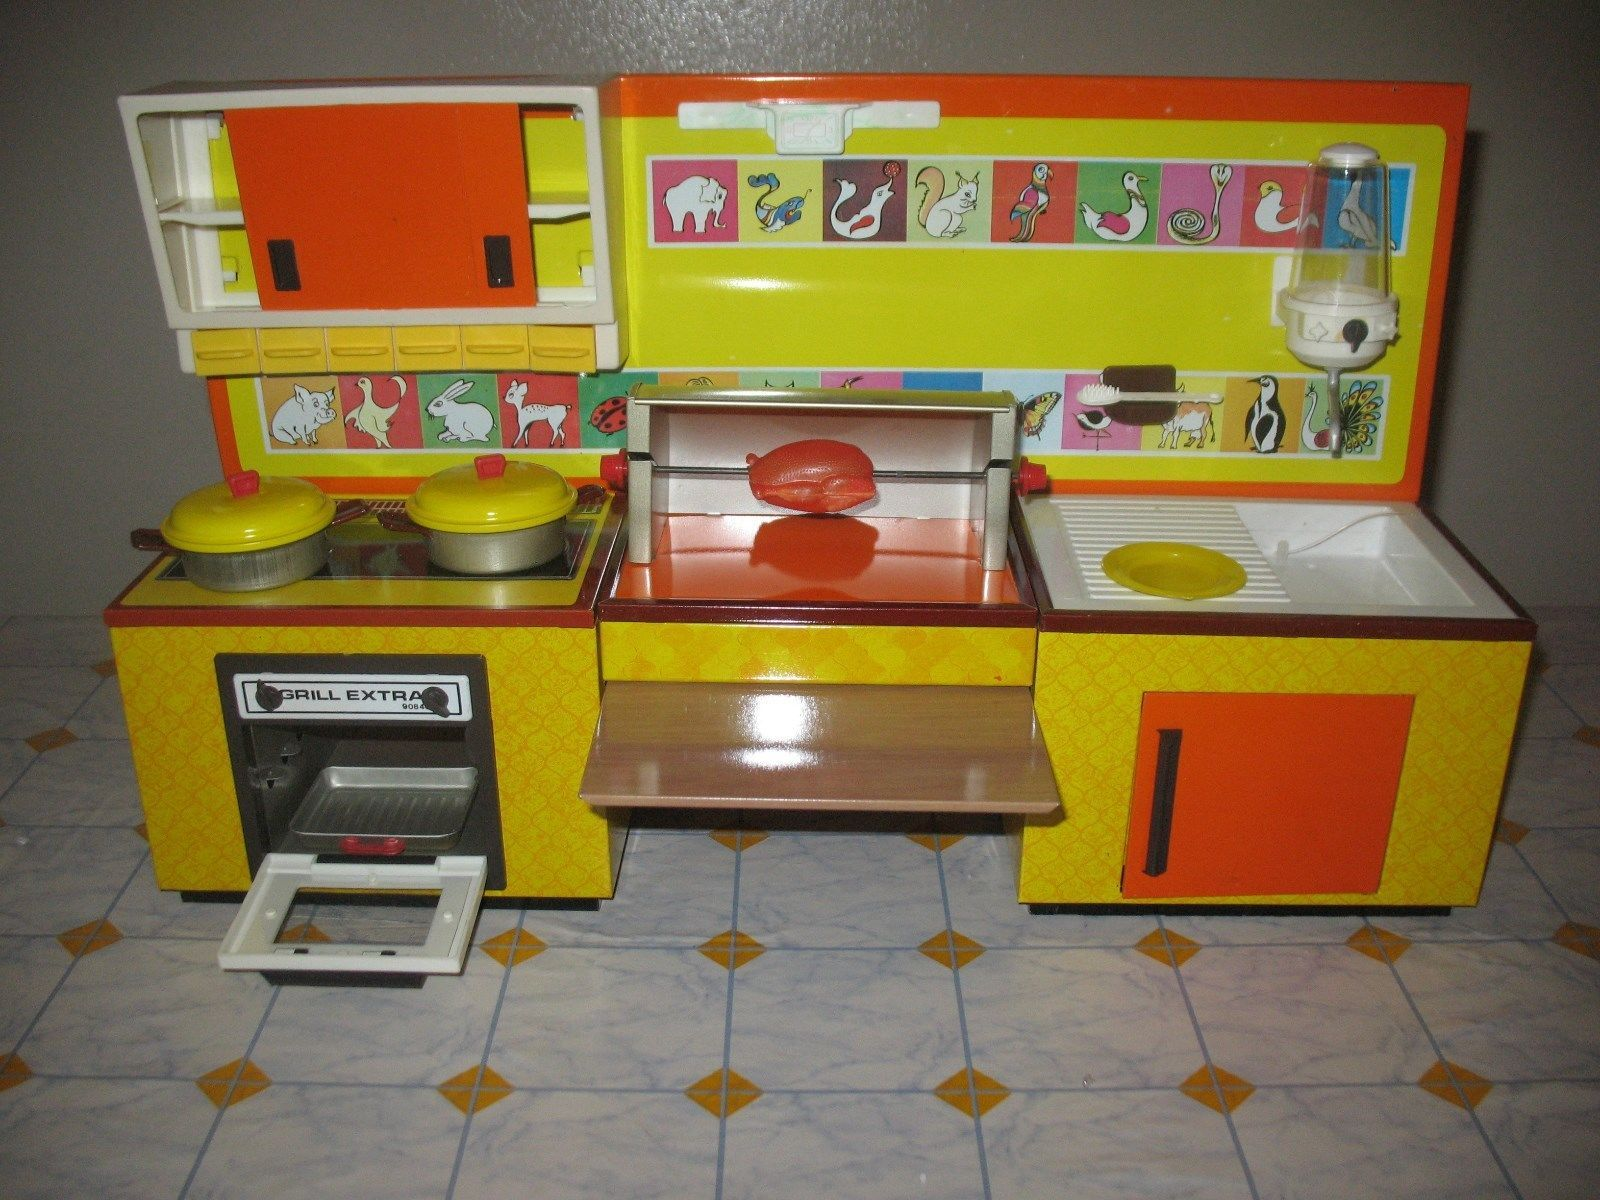 Cucine Giocattolo In Legno Usate.Dettagli Su Cucina Giocattolo In Latta Con Accessori Anni 80 In